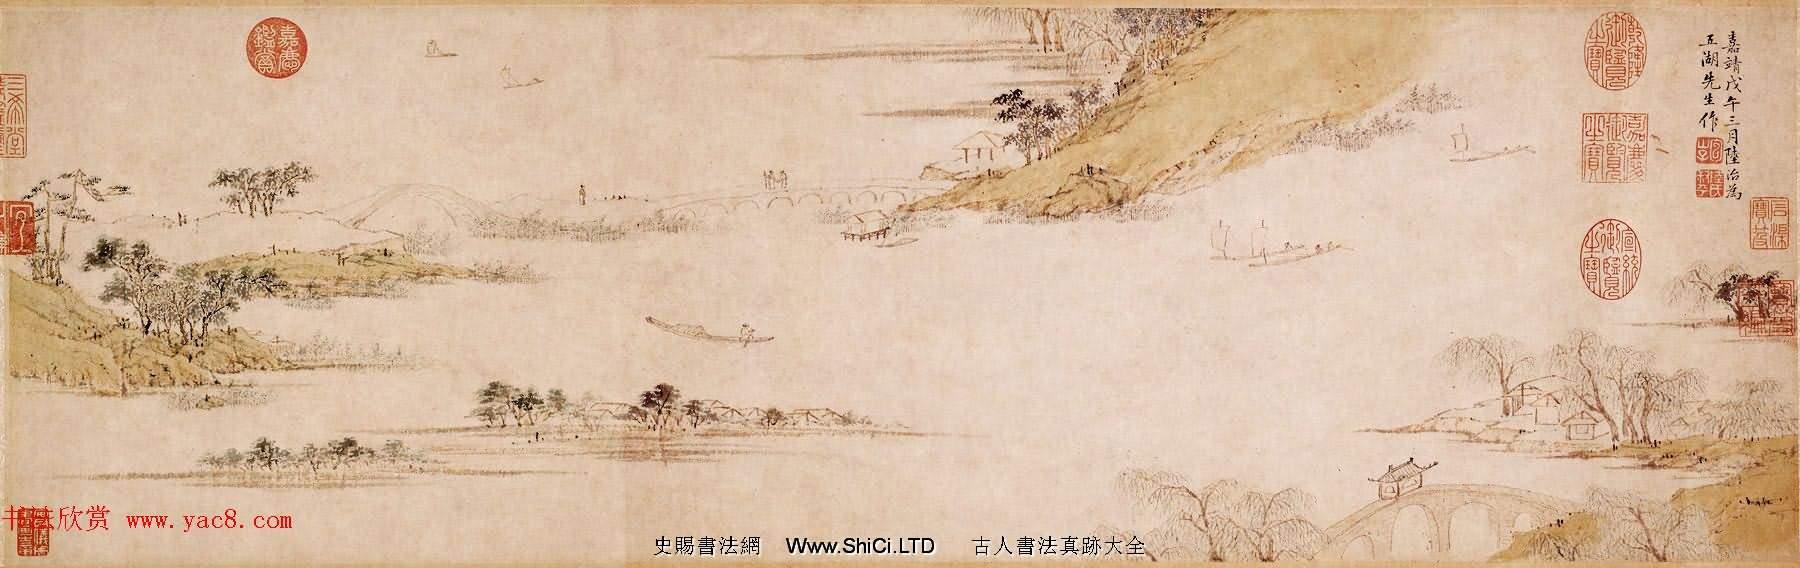 明代陸治為五湖先生作《石湖圖卷》(共6張圖片)